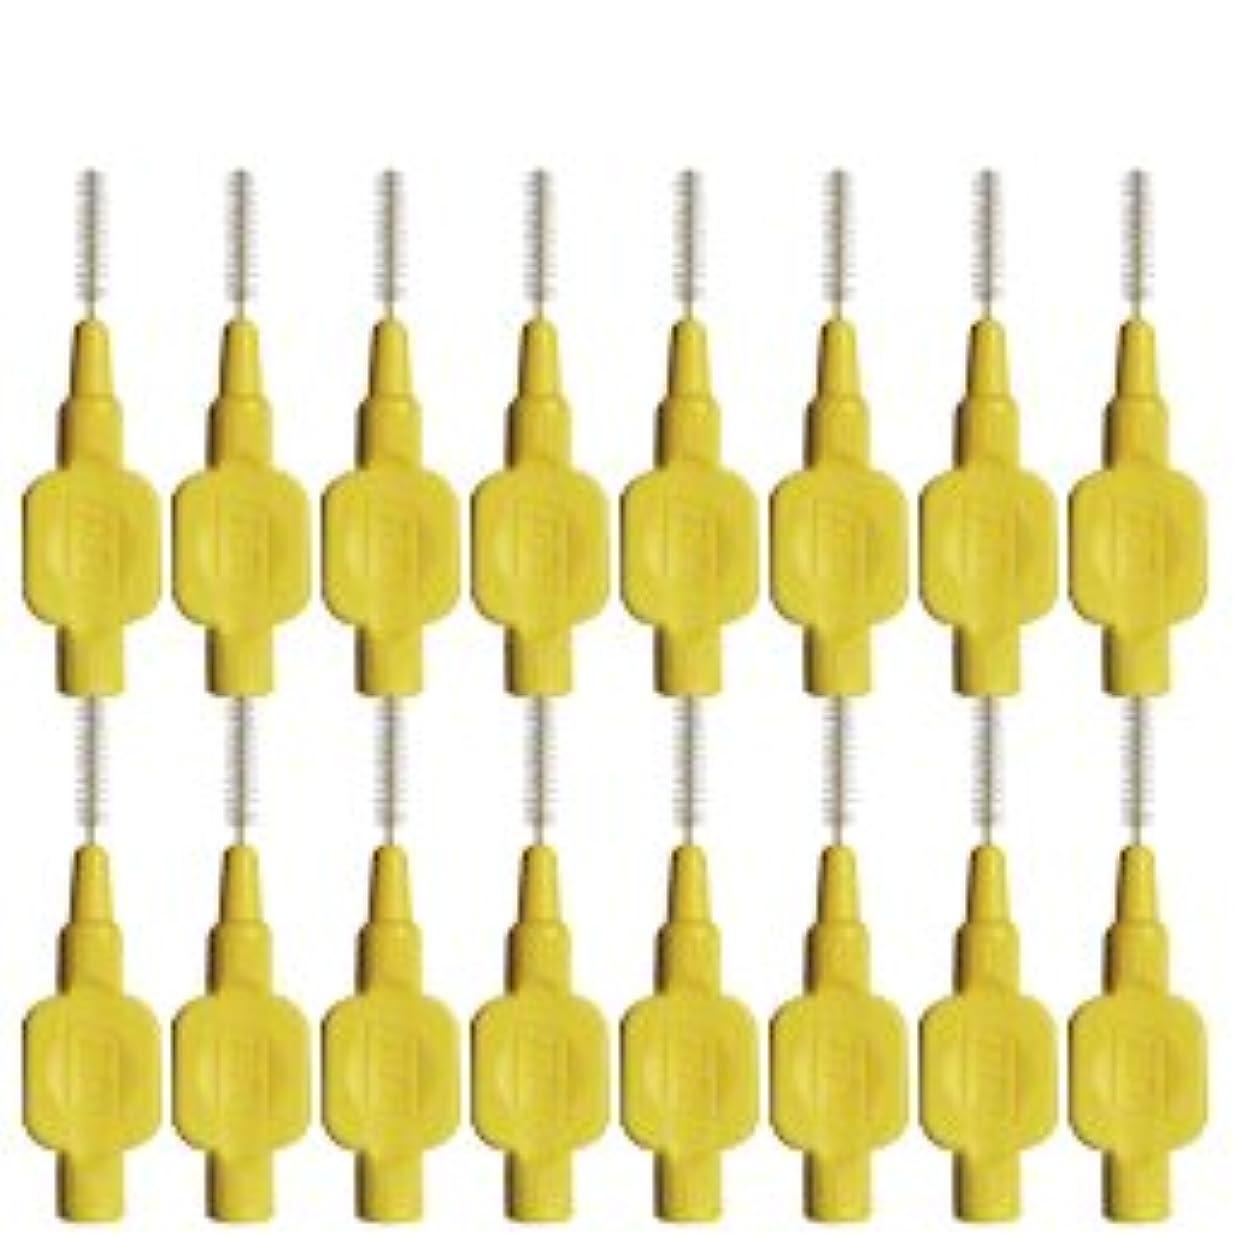 有益壊れた純度テペ(TePe) 歯間ブラシ 8本入 × 2個 イエロー(0.7mm)